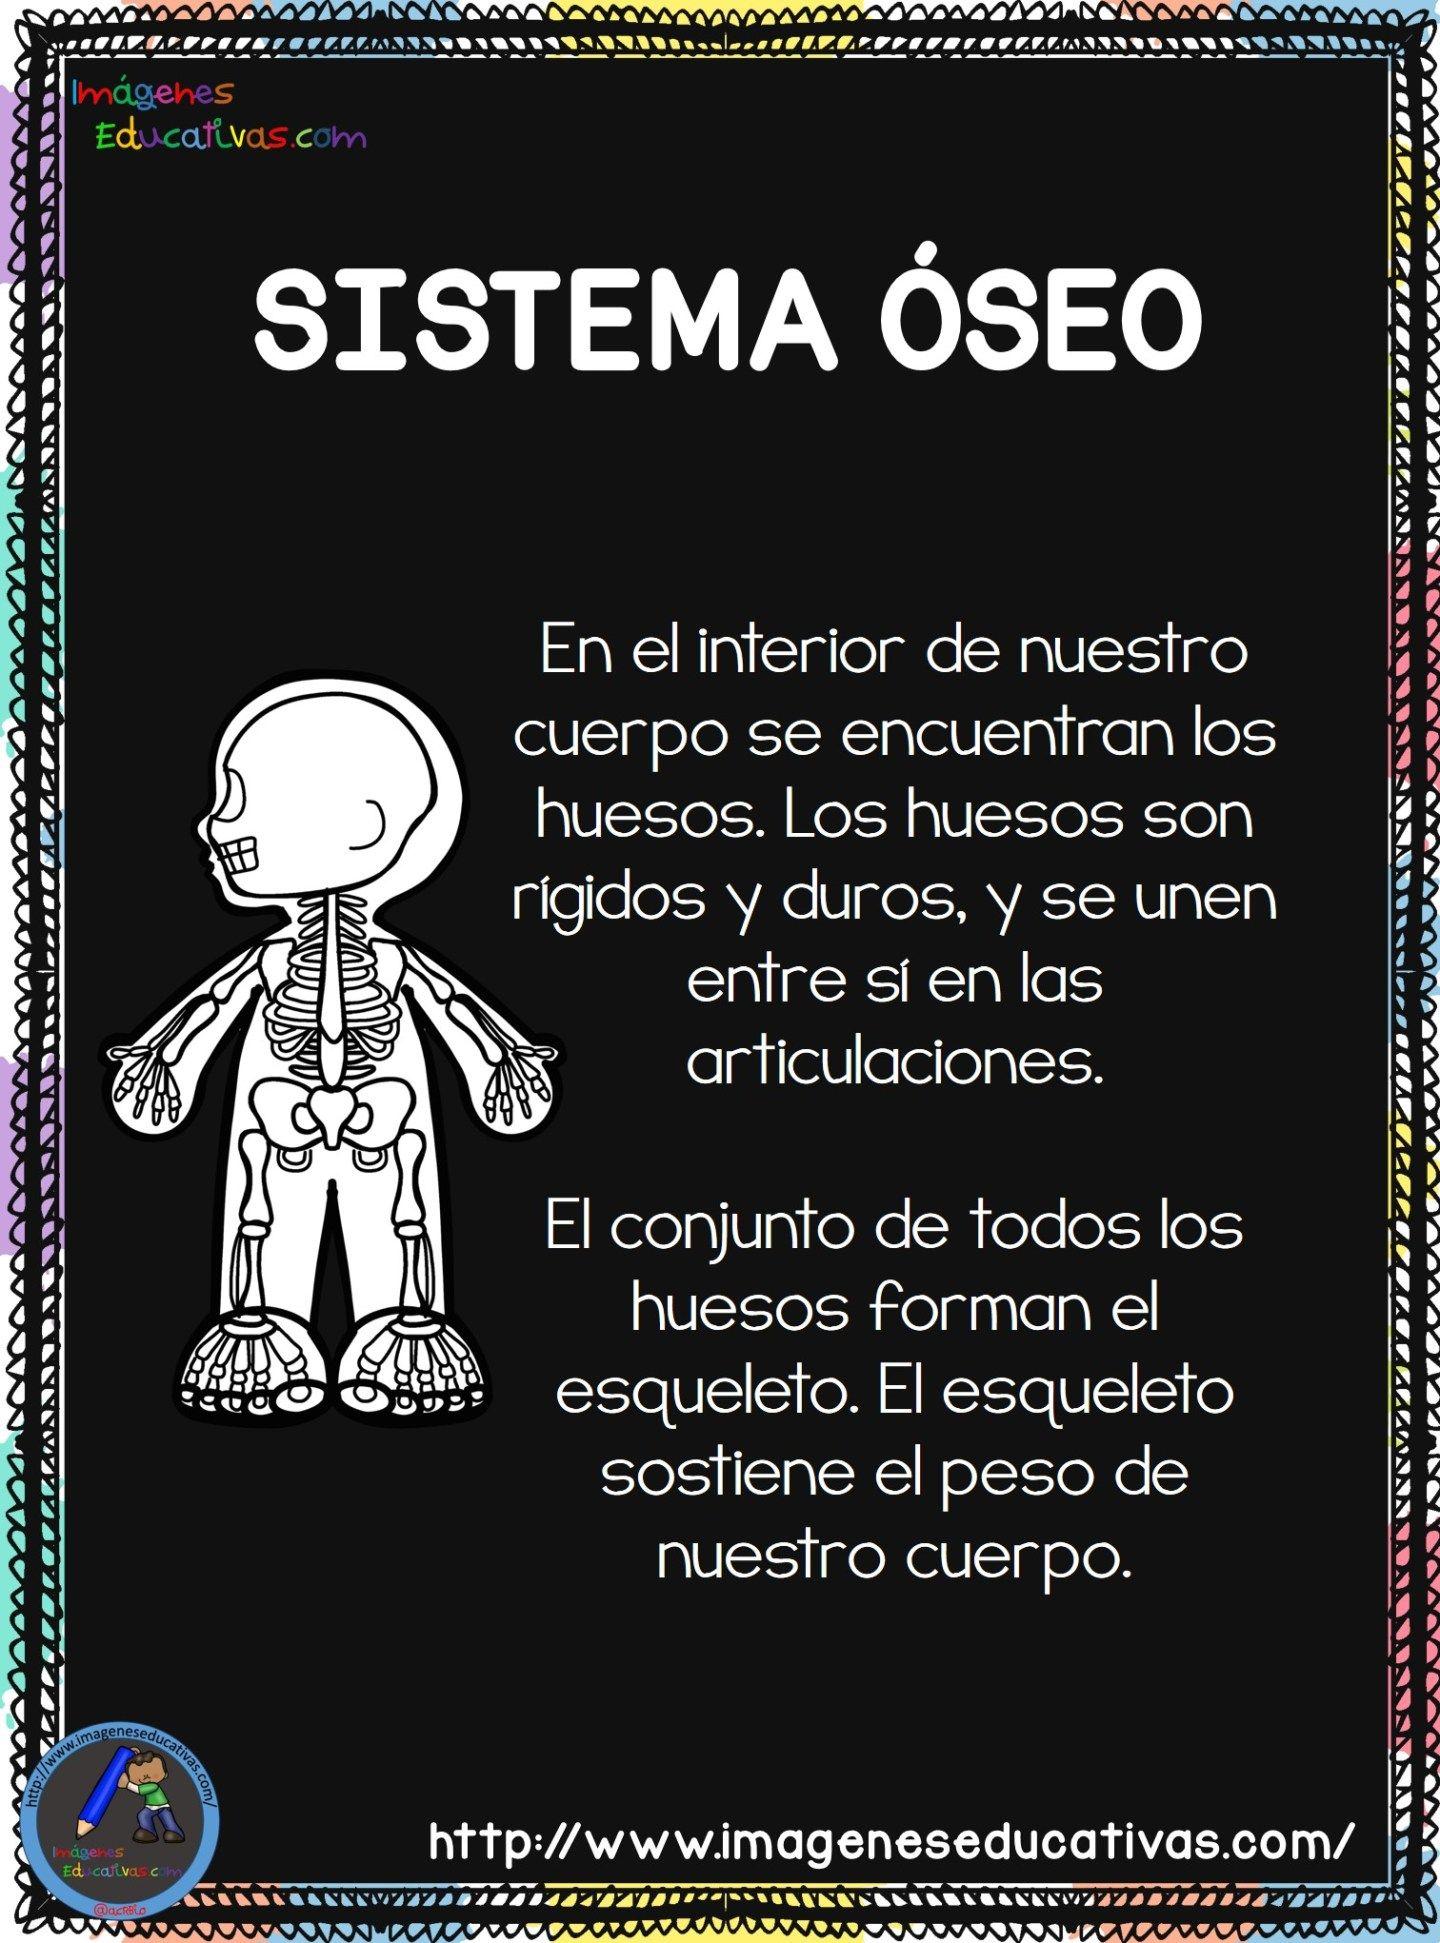 Cuaderno del Cuerpo Humano; Aparatos y Sistemas para trabajar en Primaria | Cuerpo  humano, Cuerpo humano para niños, Aparatos del cuerpo humano